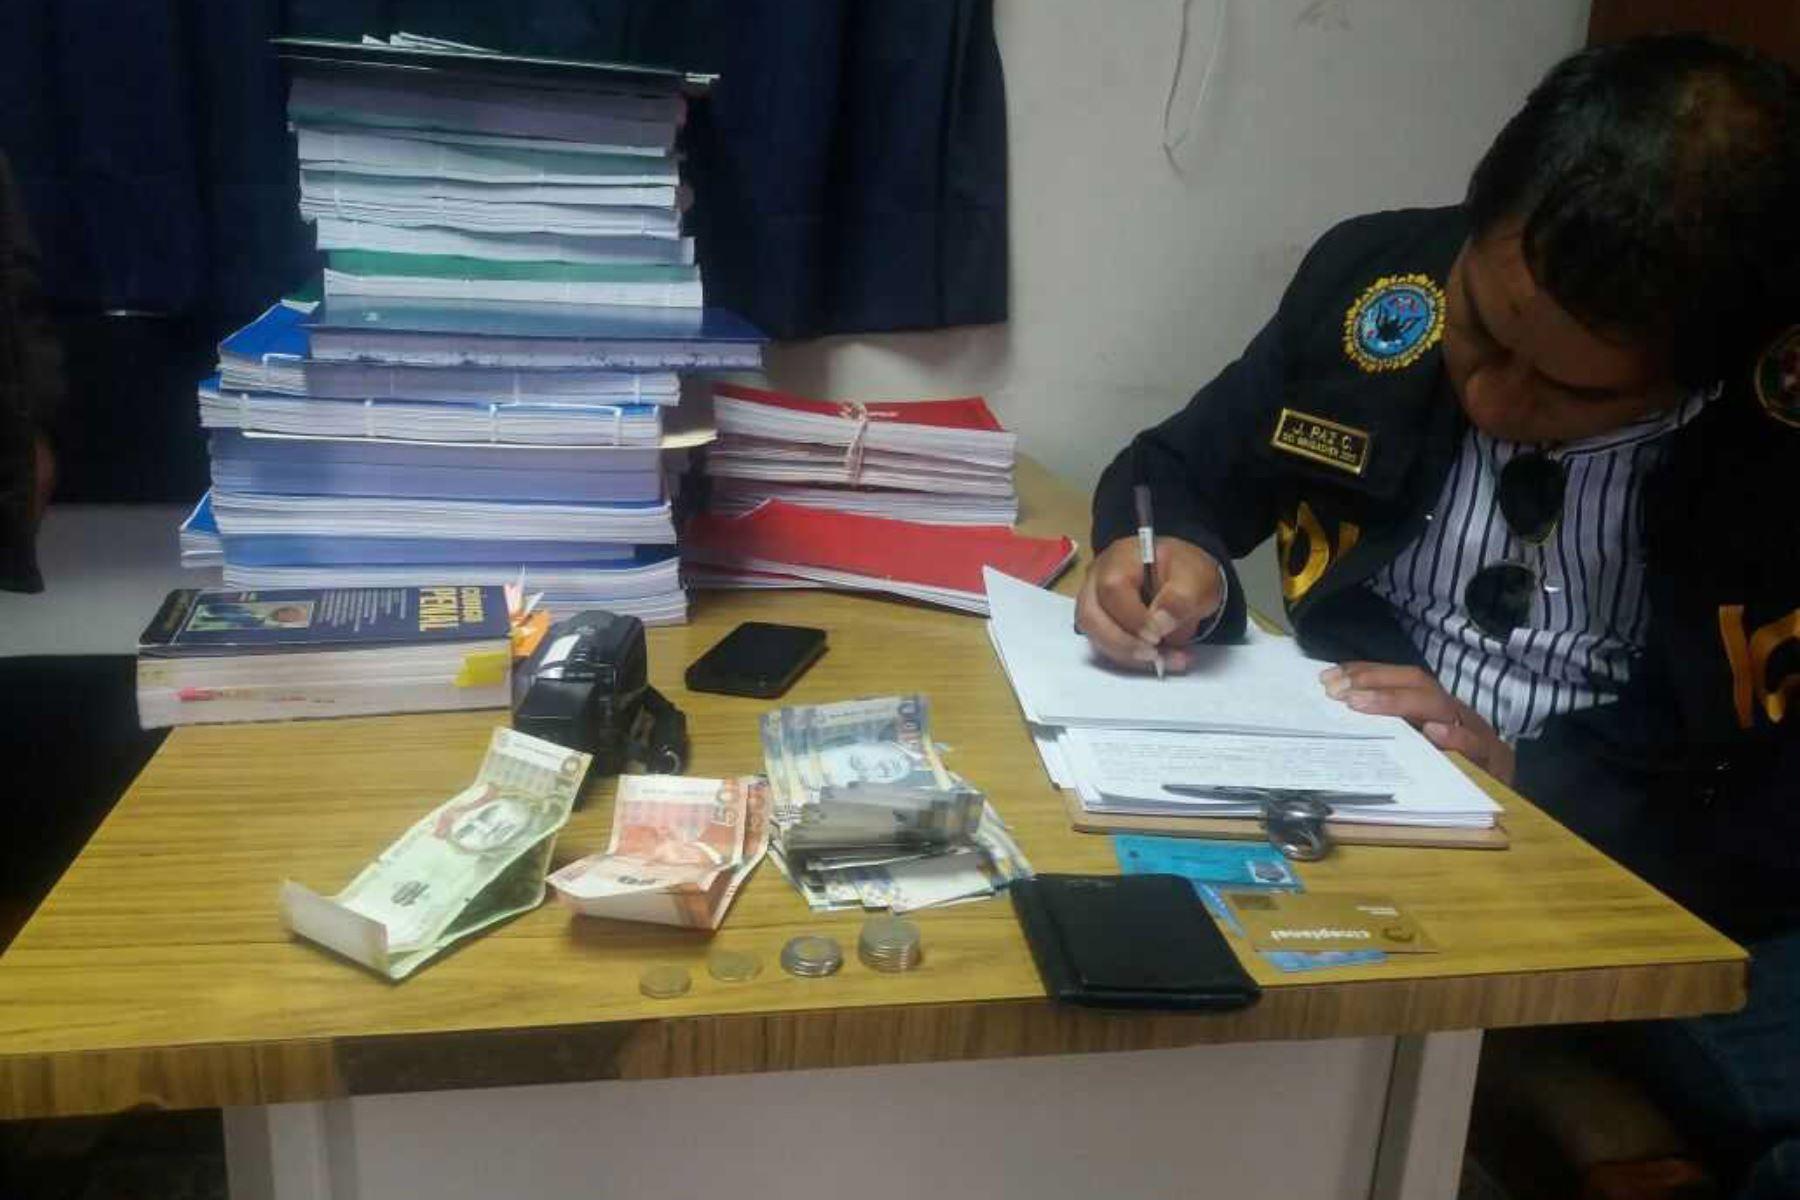 El presidente de la Junta de Fiscales Superiores del Cusco, Walter Becerra Huanaco, investiga al fiscal adjunto de Quispicanchi, Andy Galimberti Cajigas, acusado de recibir un soborno de dinero en su despacho.